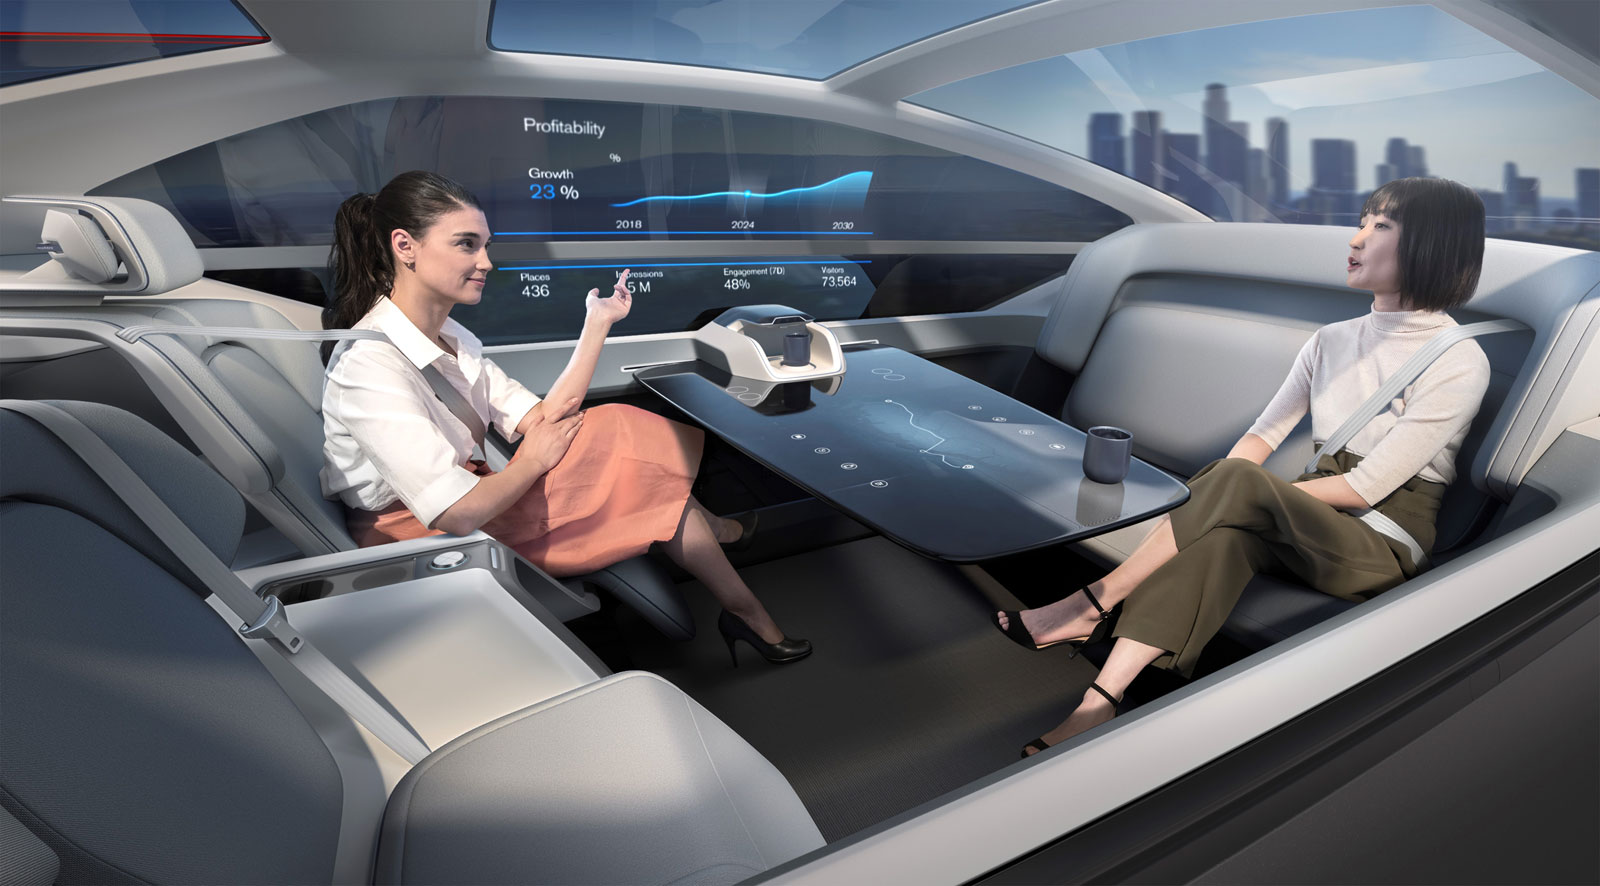 Volvo-360c-Autonomous-Concept-Interior-Office.jpg